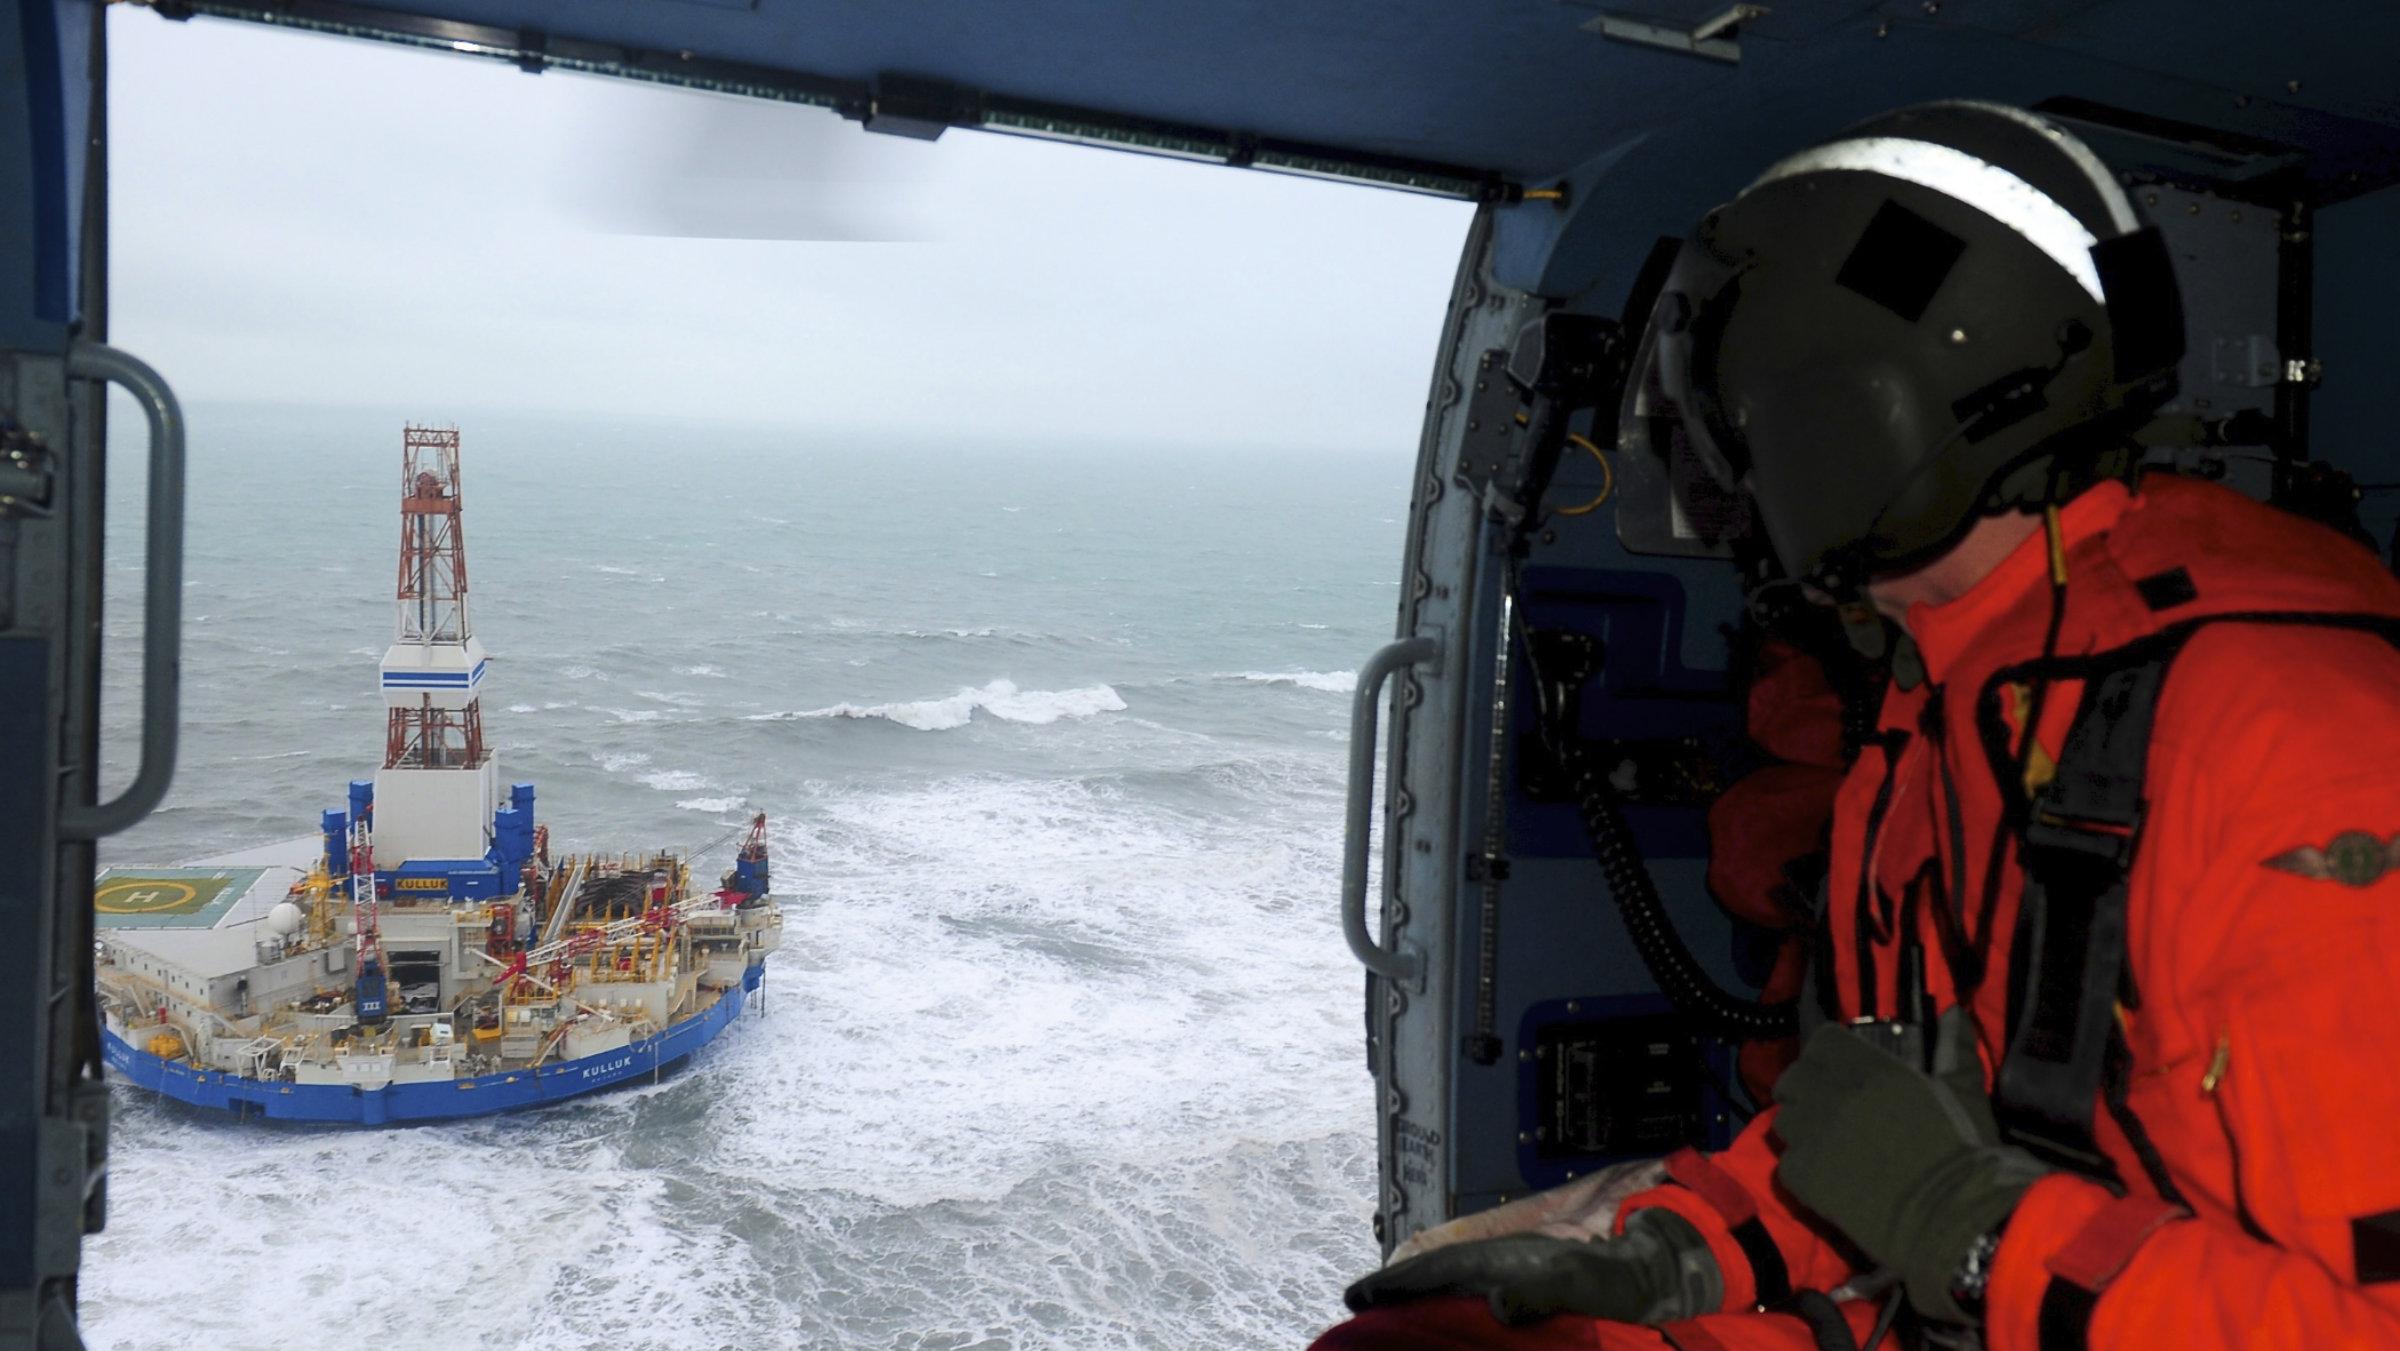 Rescuers approach the Kulluk vessel